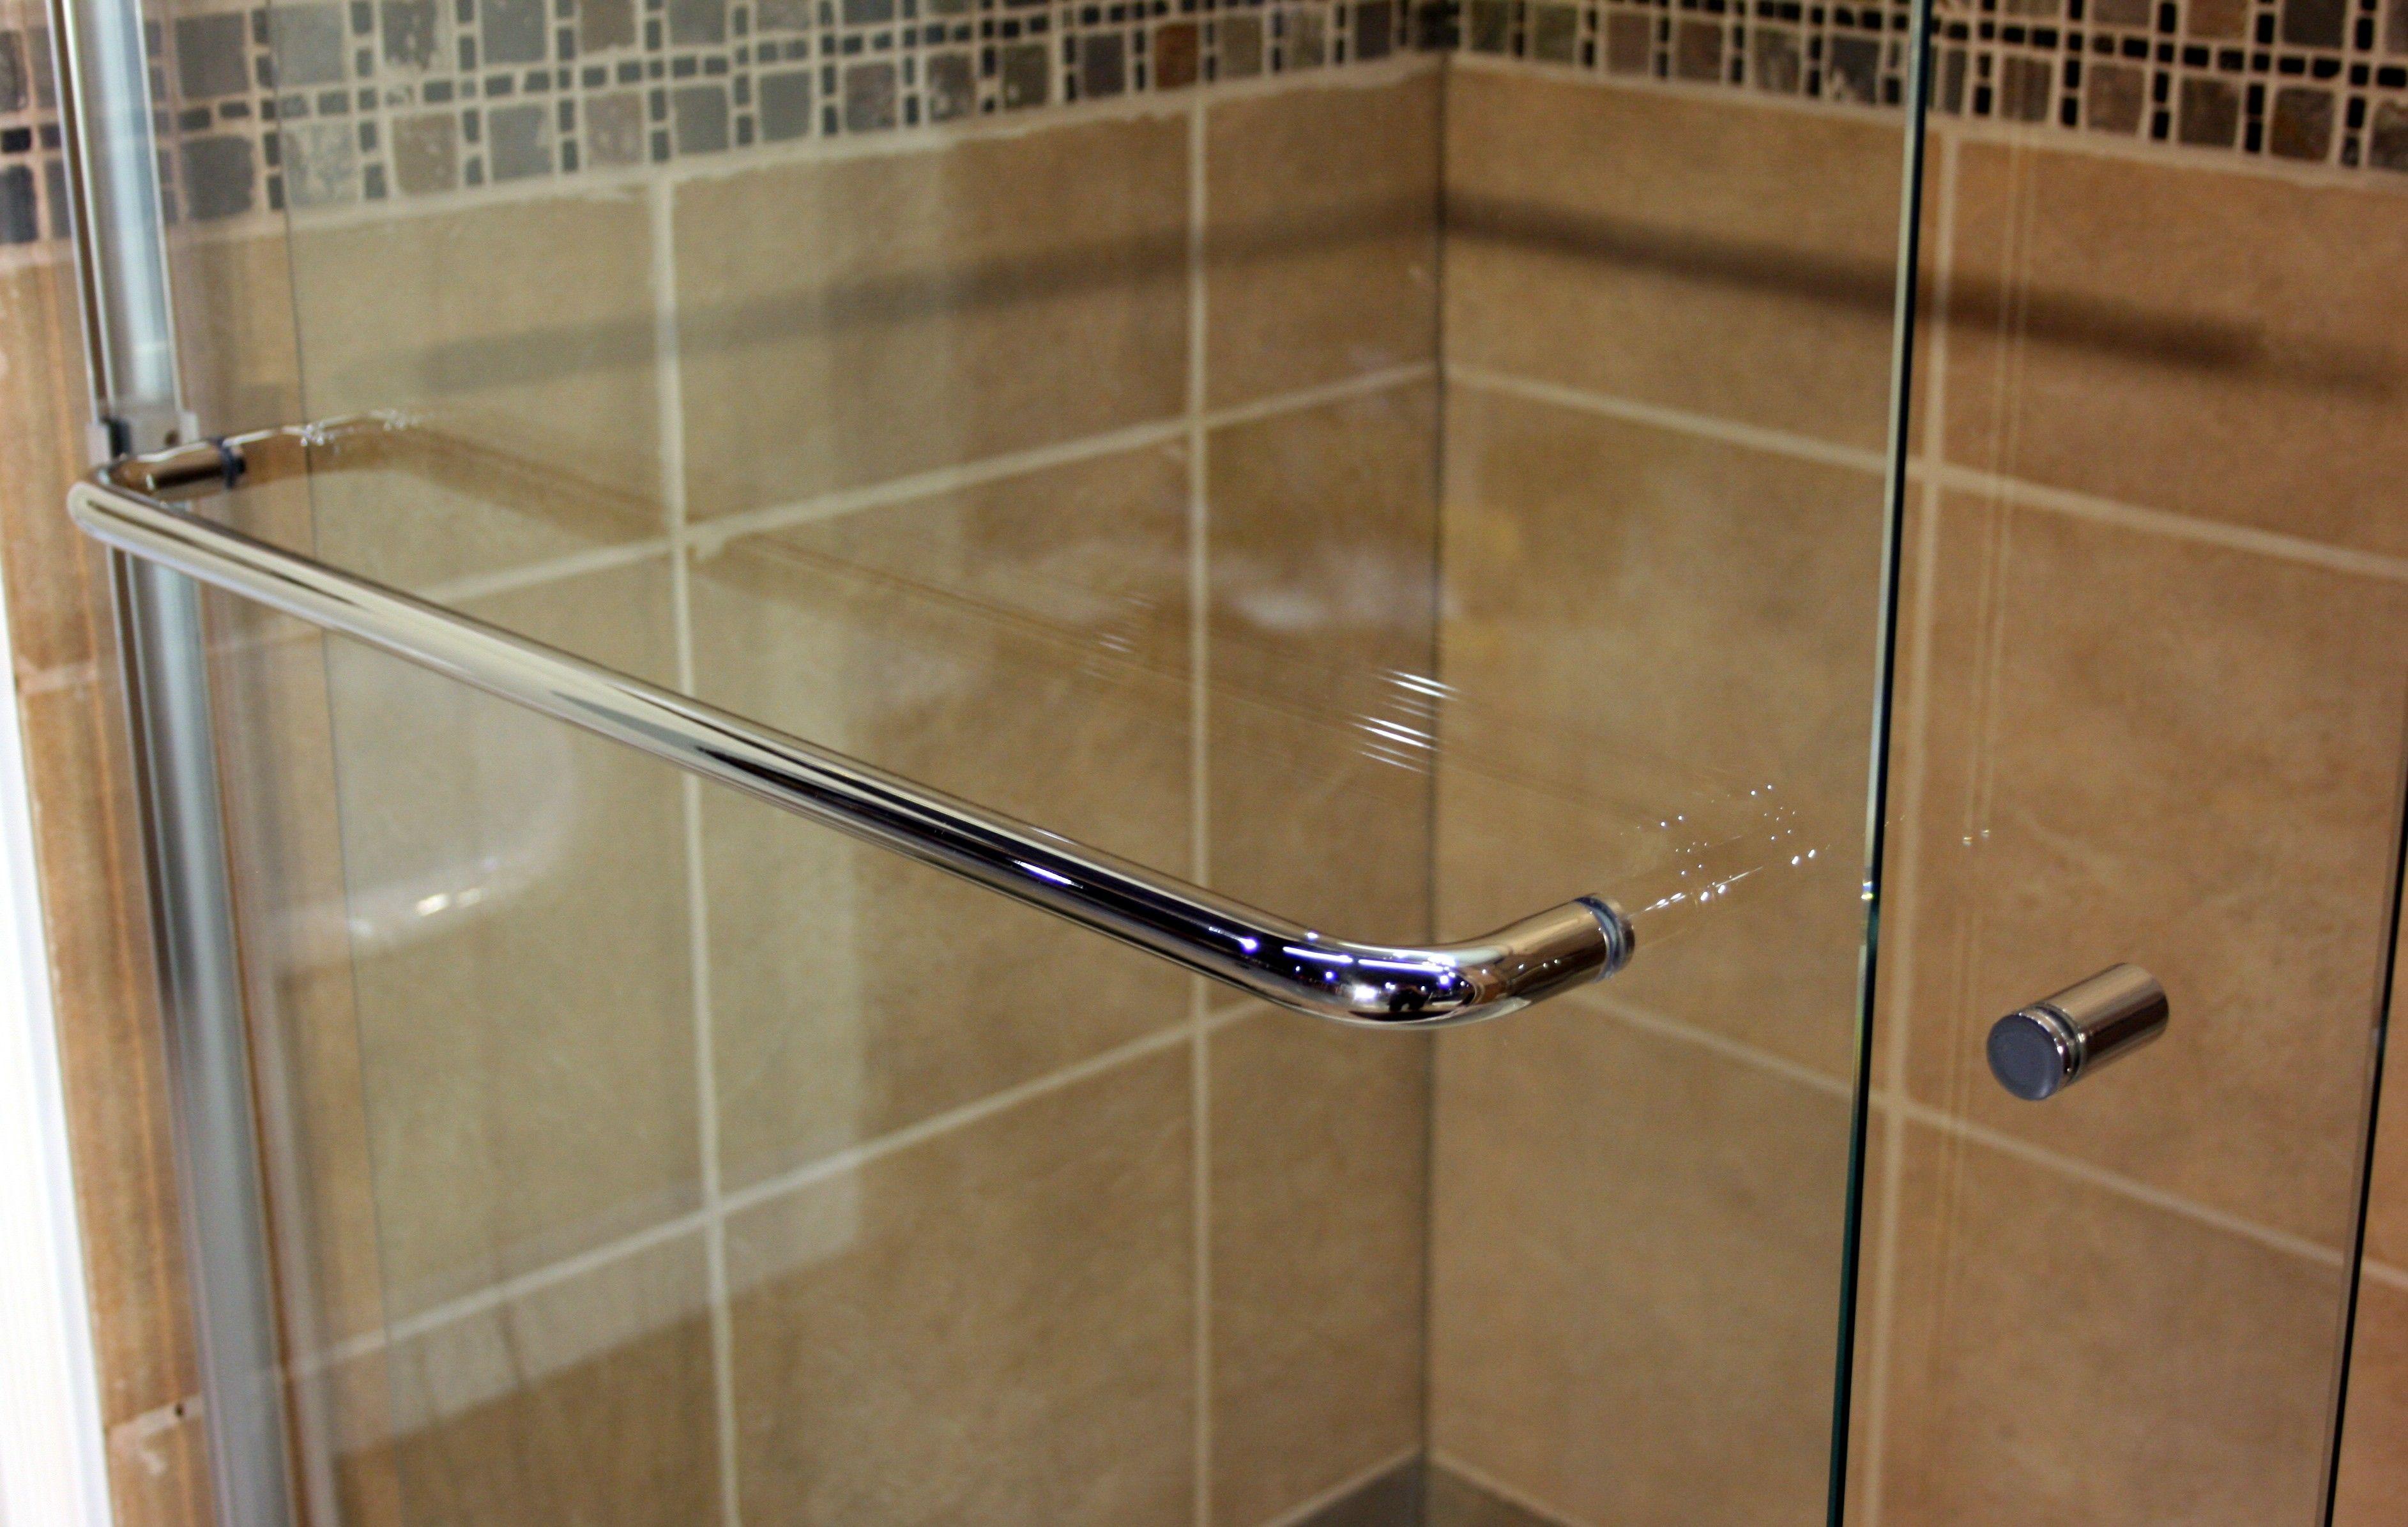 Towel Bar For Glass Shower Door | http://sourceabl.com | Pinterest ...